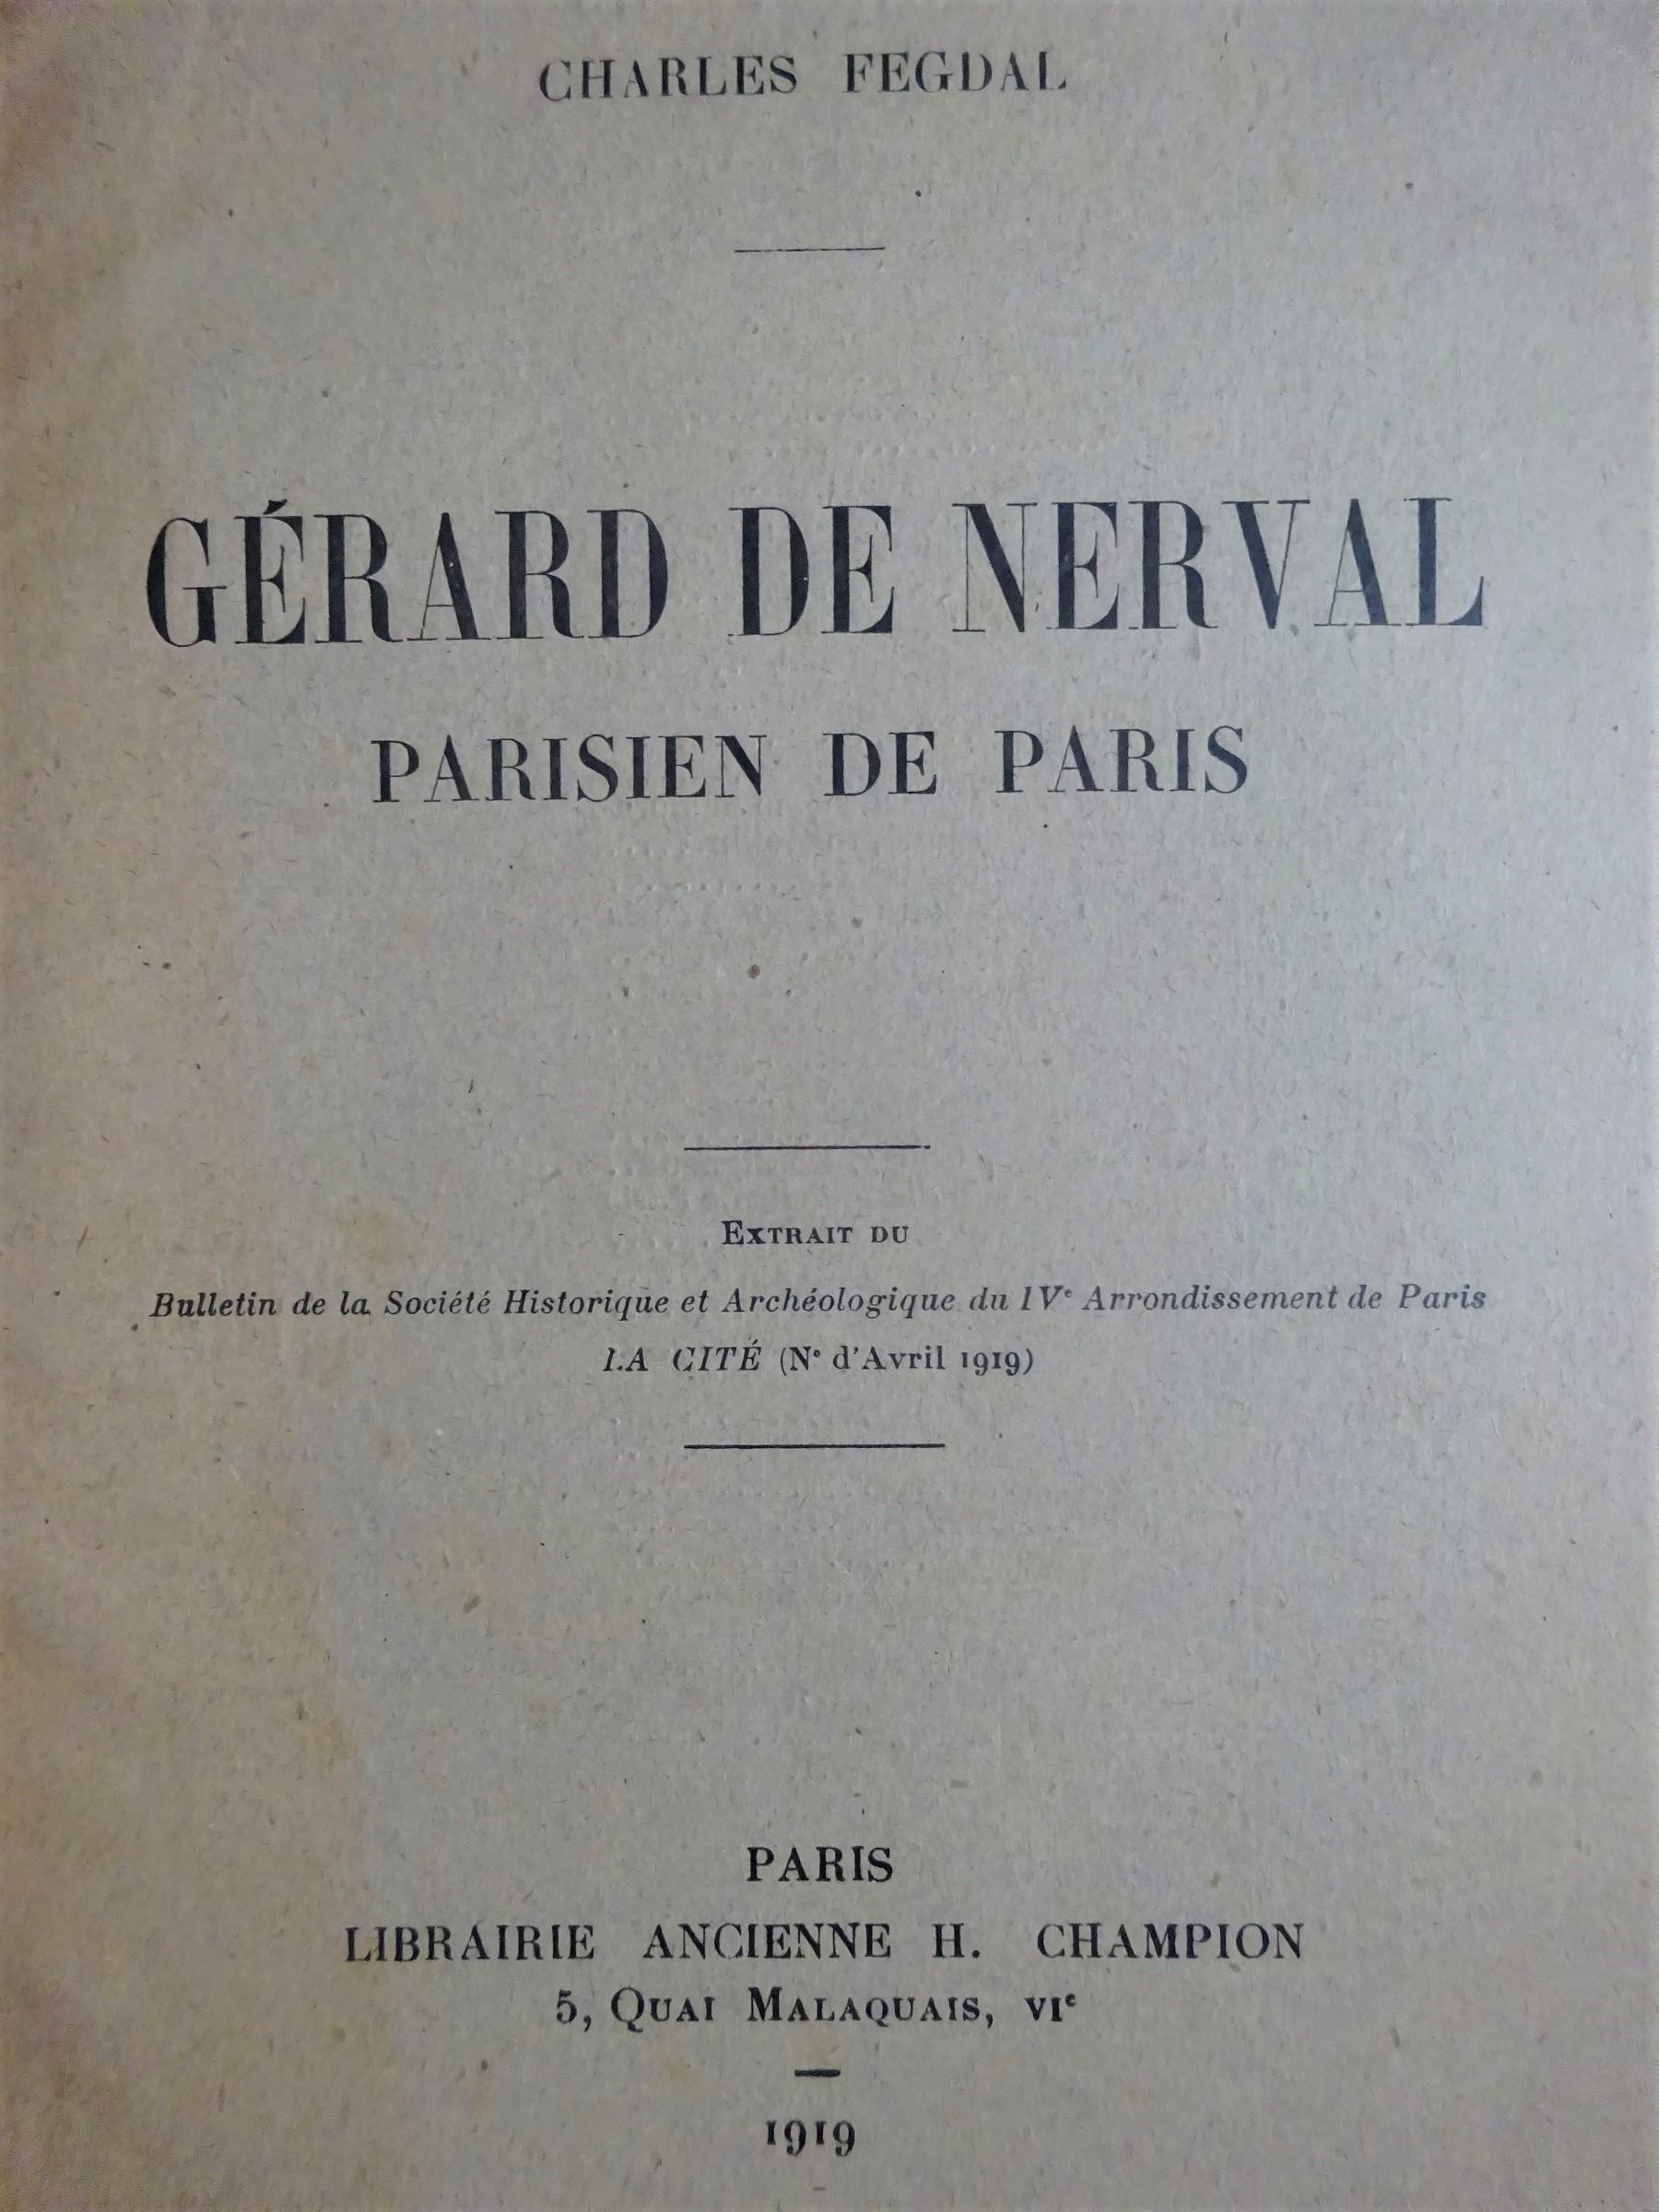 Gérard de Nerval Parisien de Paris